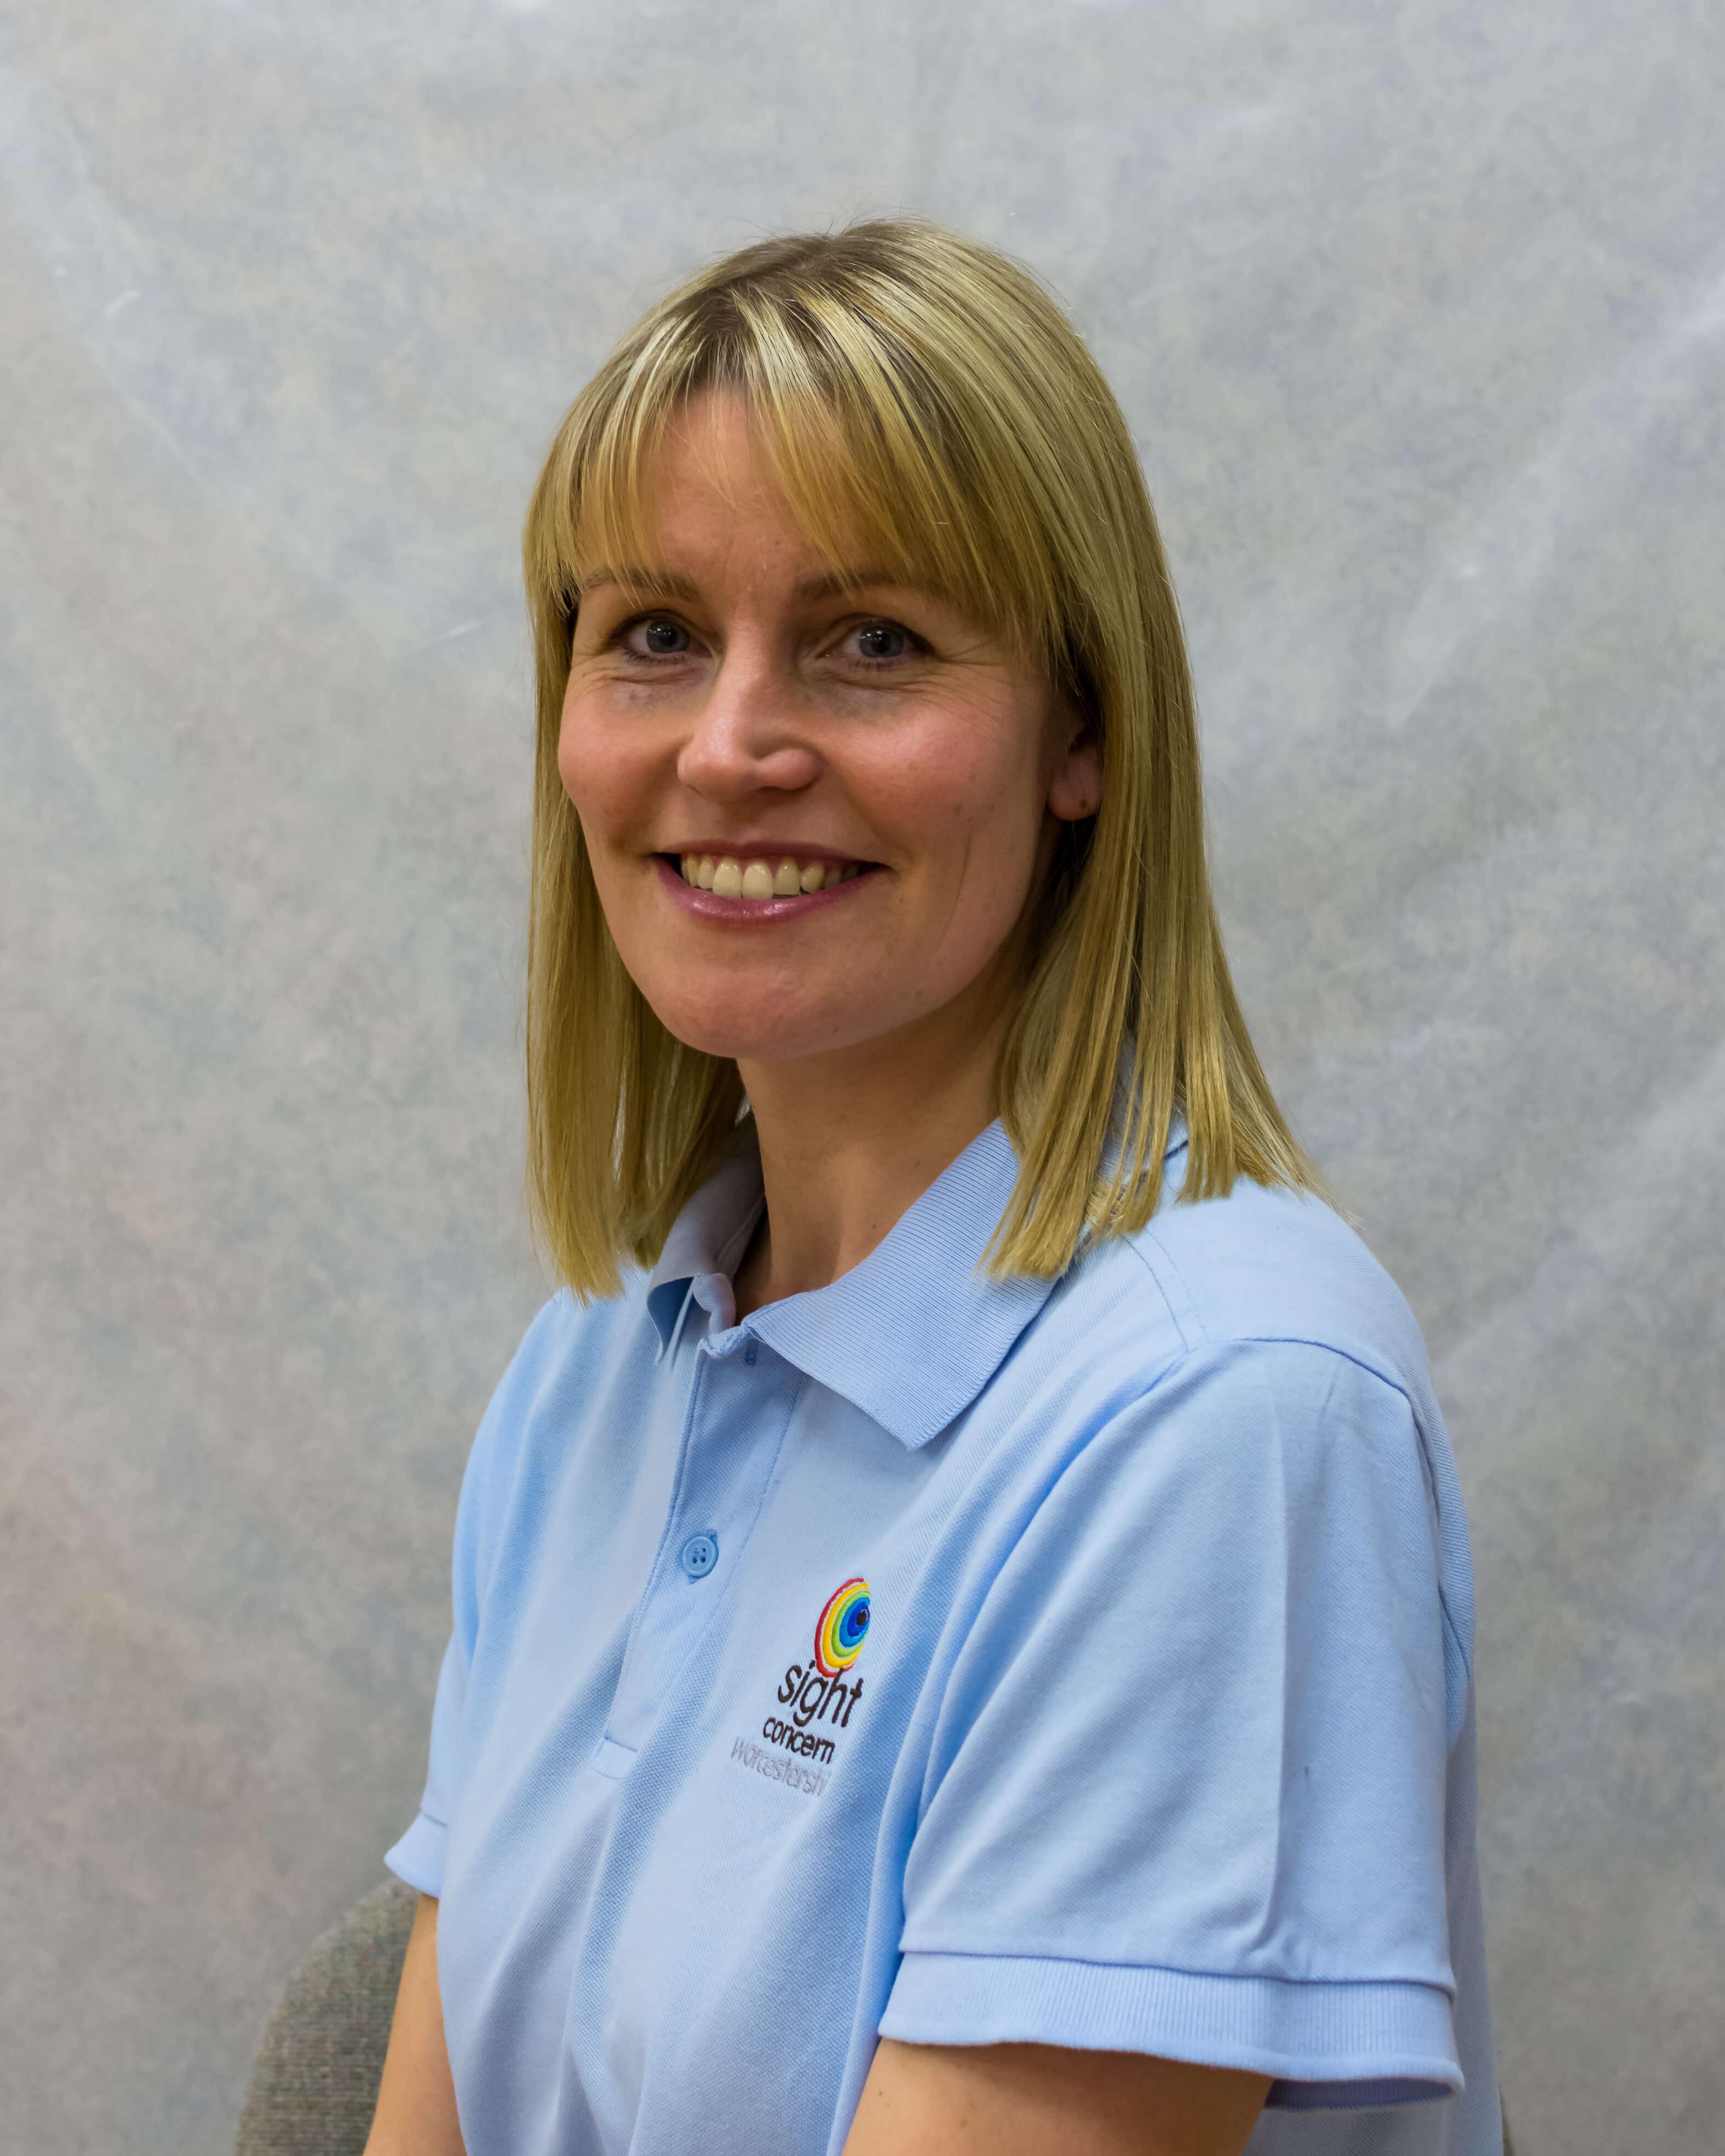 Michelle Coyle